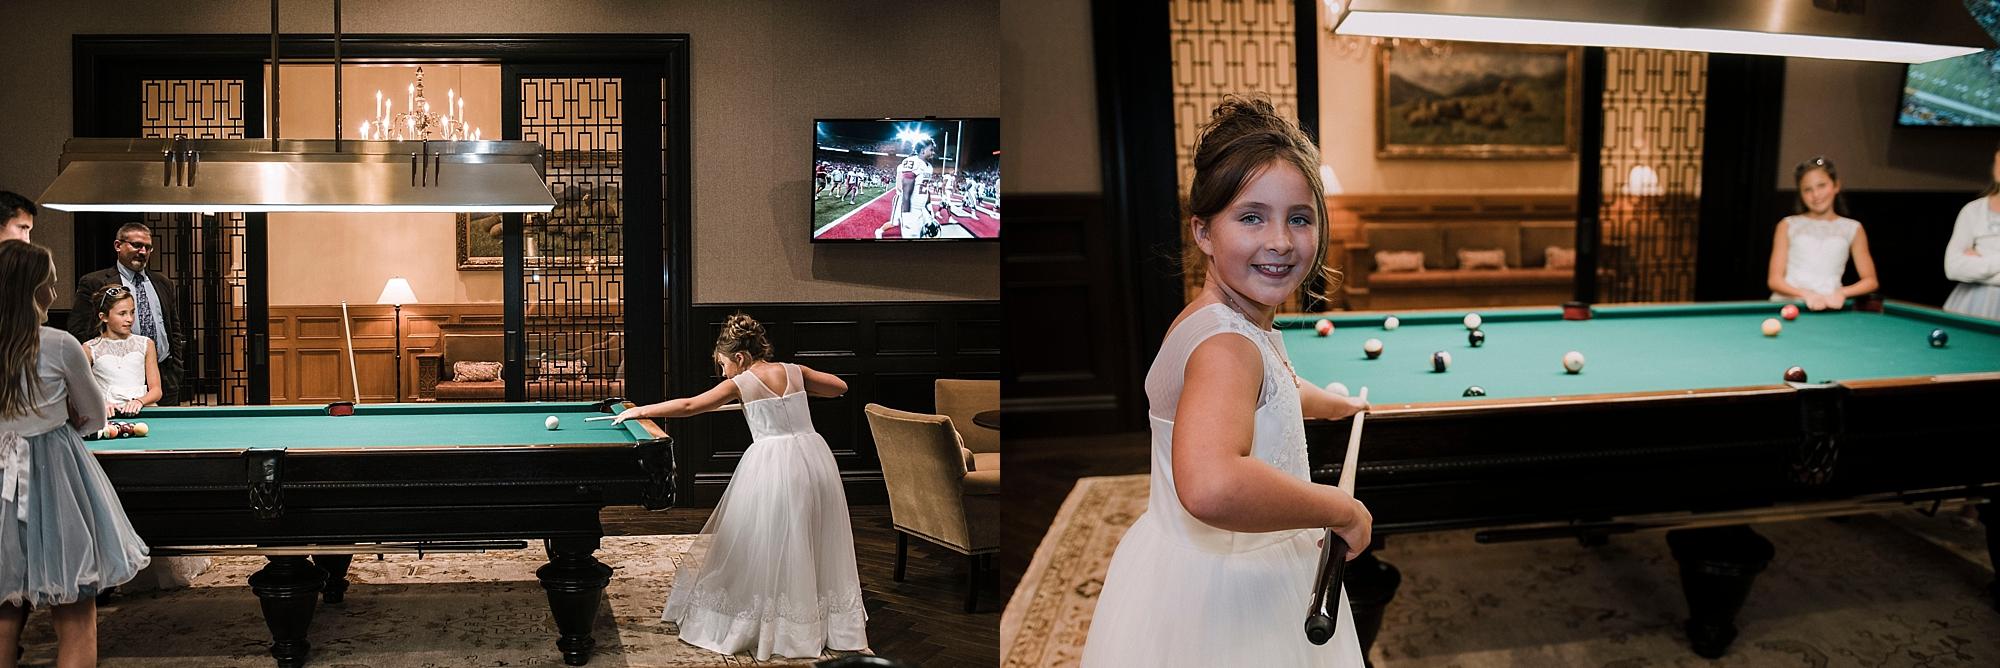 Duquesne-club-wedding-Pittsburgh_0077.jpg